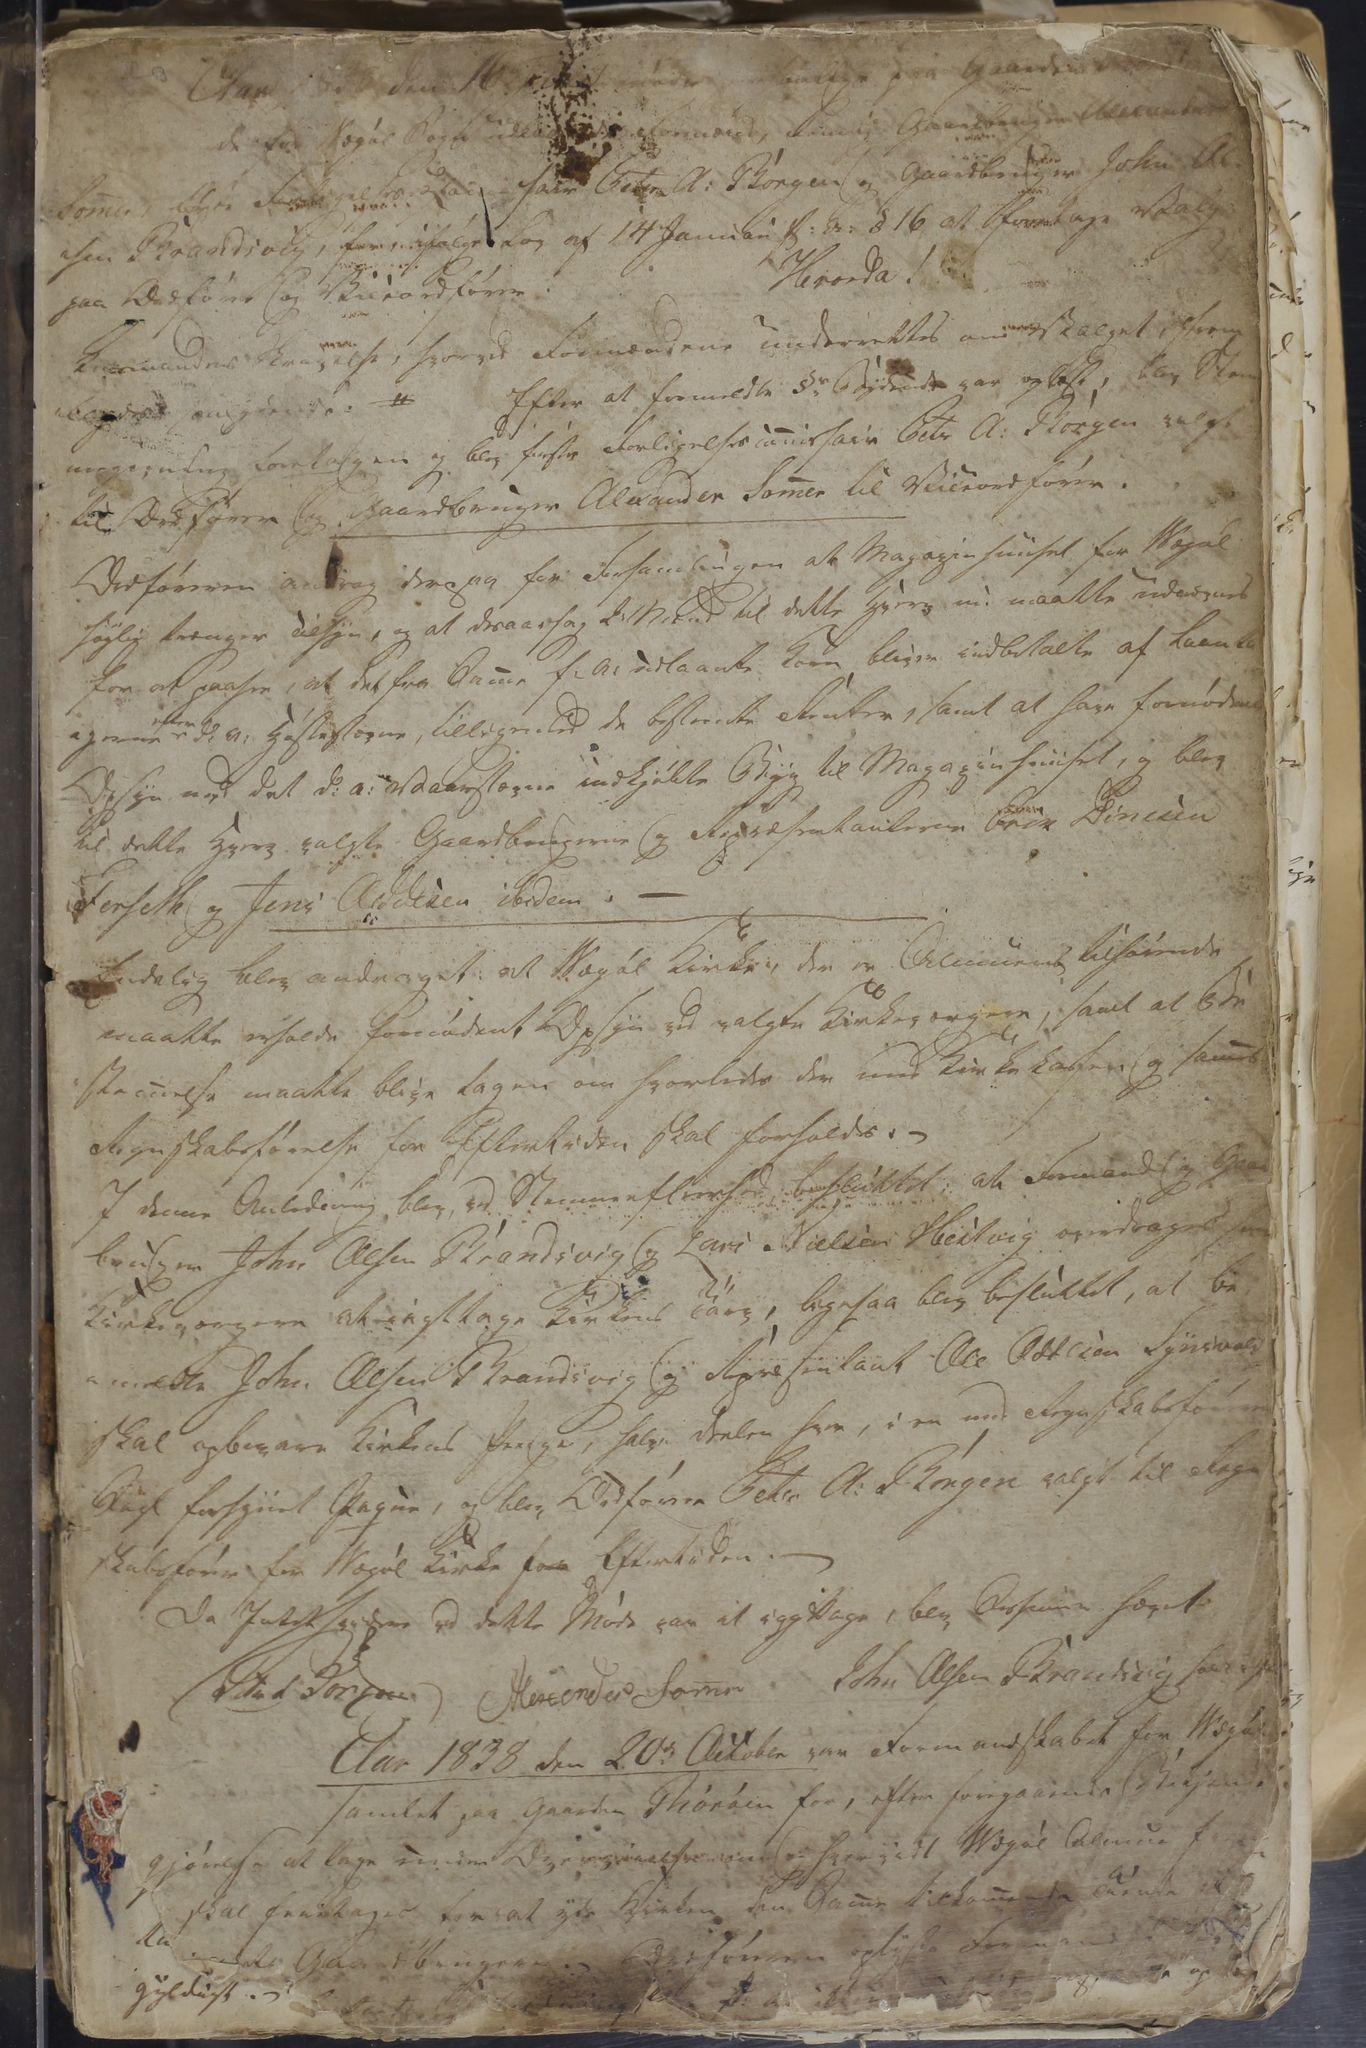 AIN, Vega kommune. Formannskapet, A/L0002: Møtebok, 1837-1885